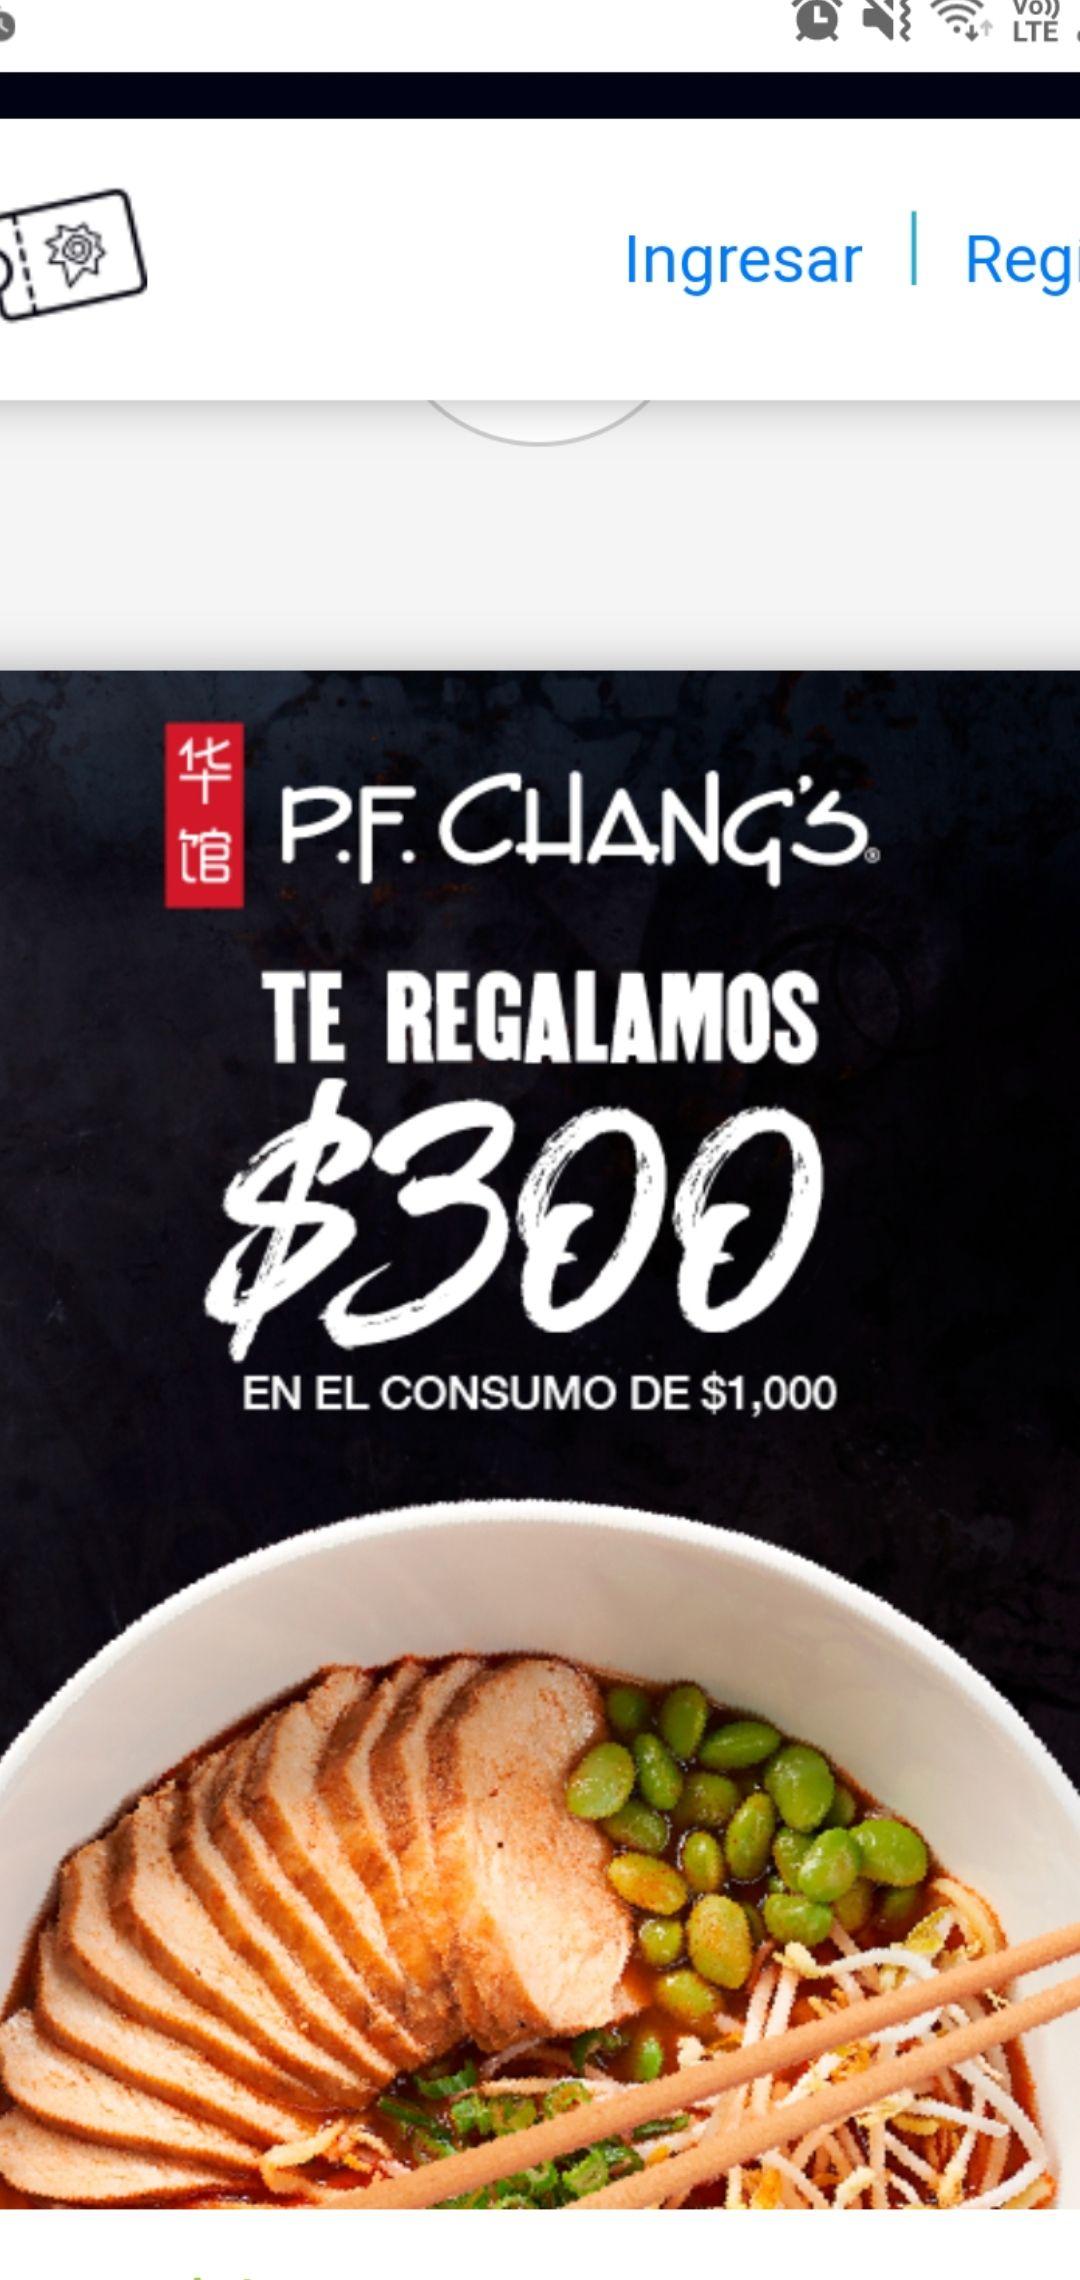 Pf changs: $ 300 de descuento en el total de tu consumo